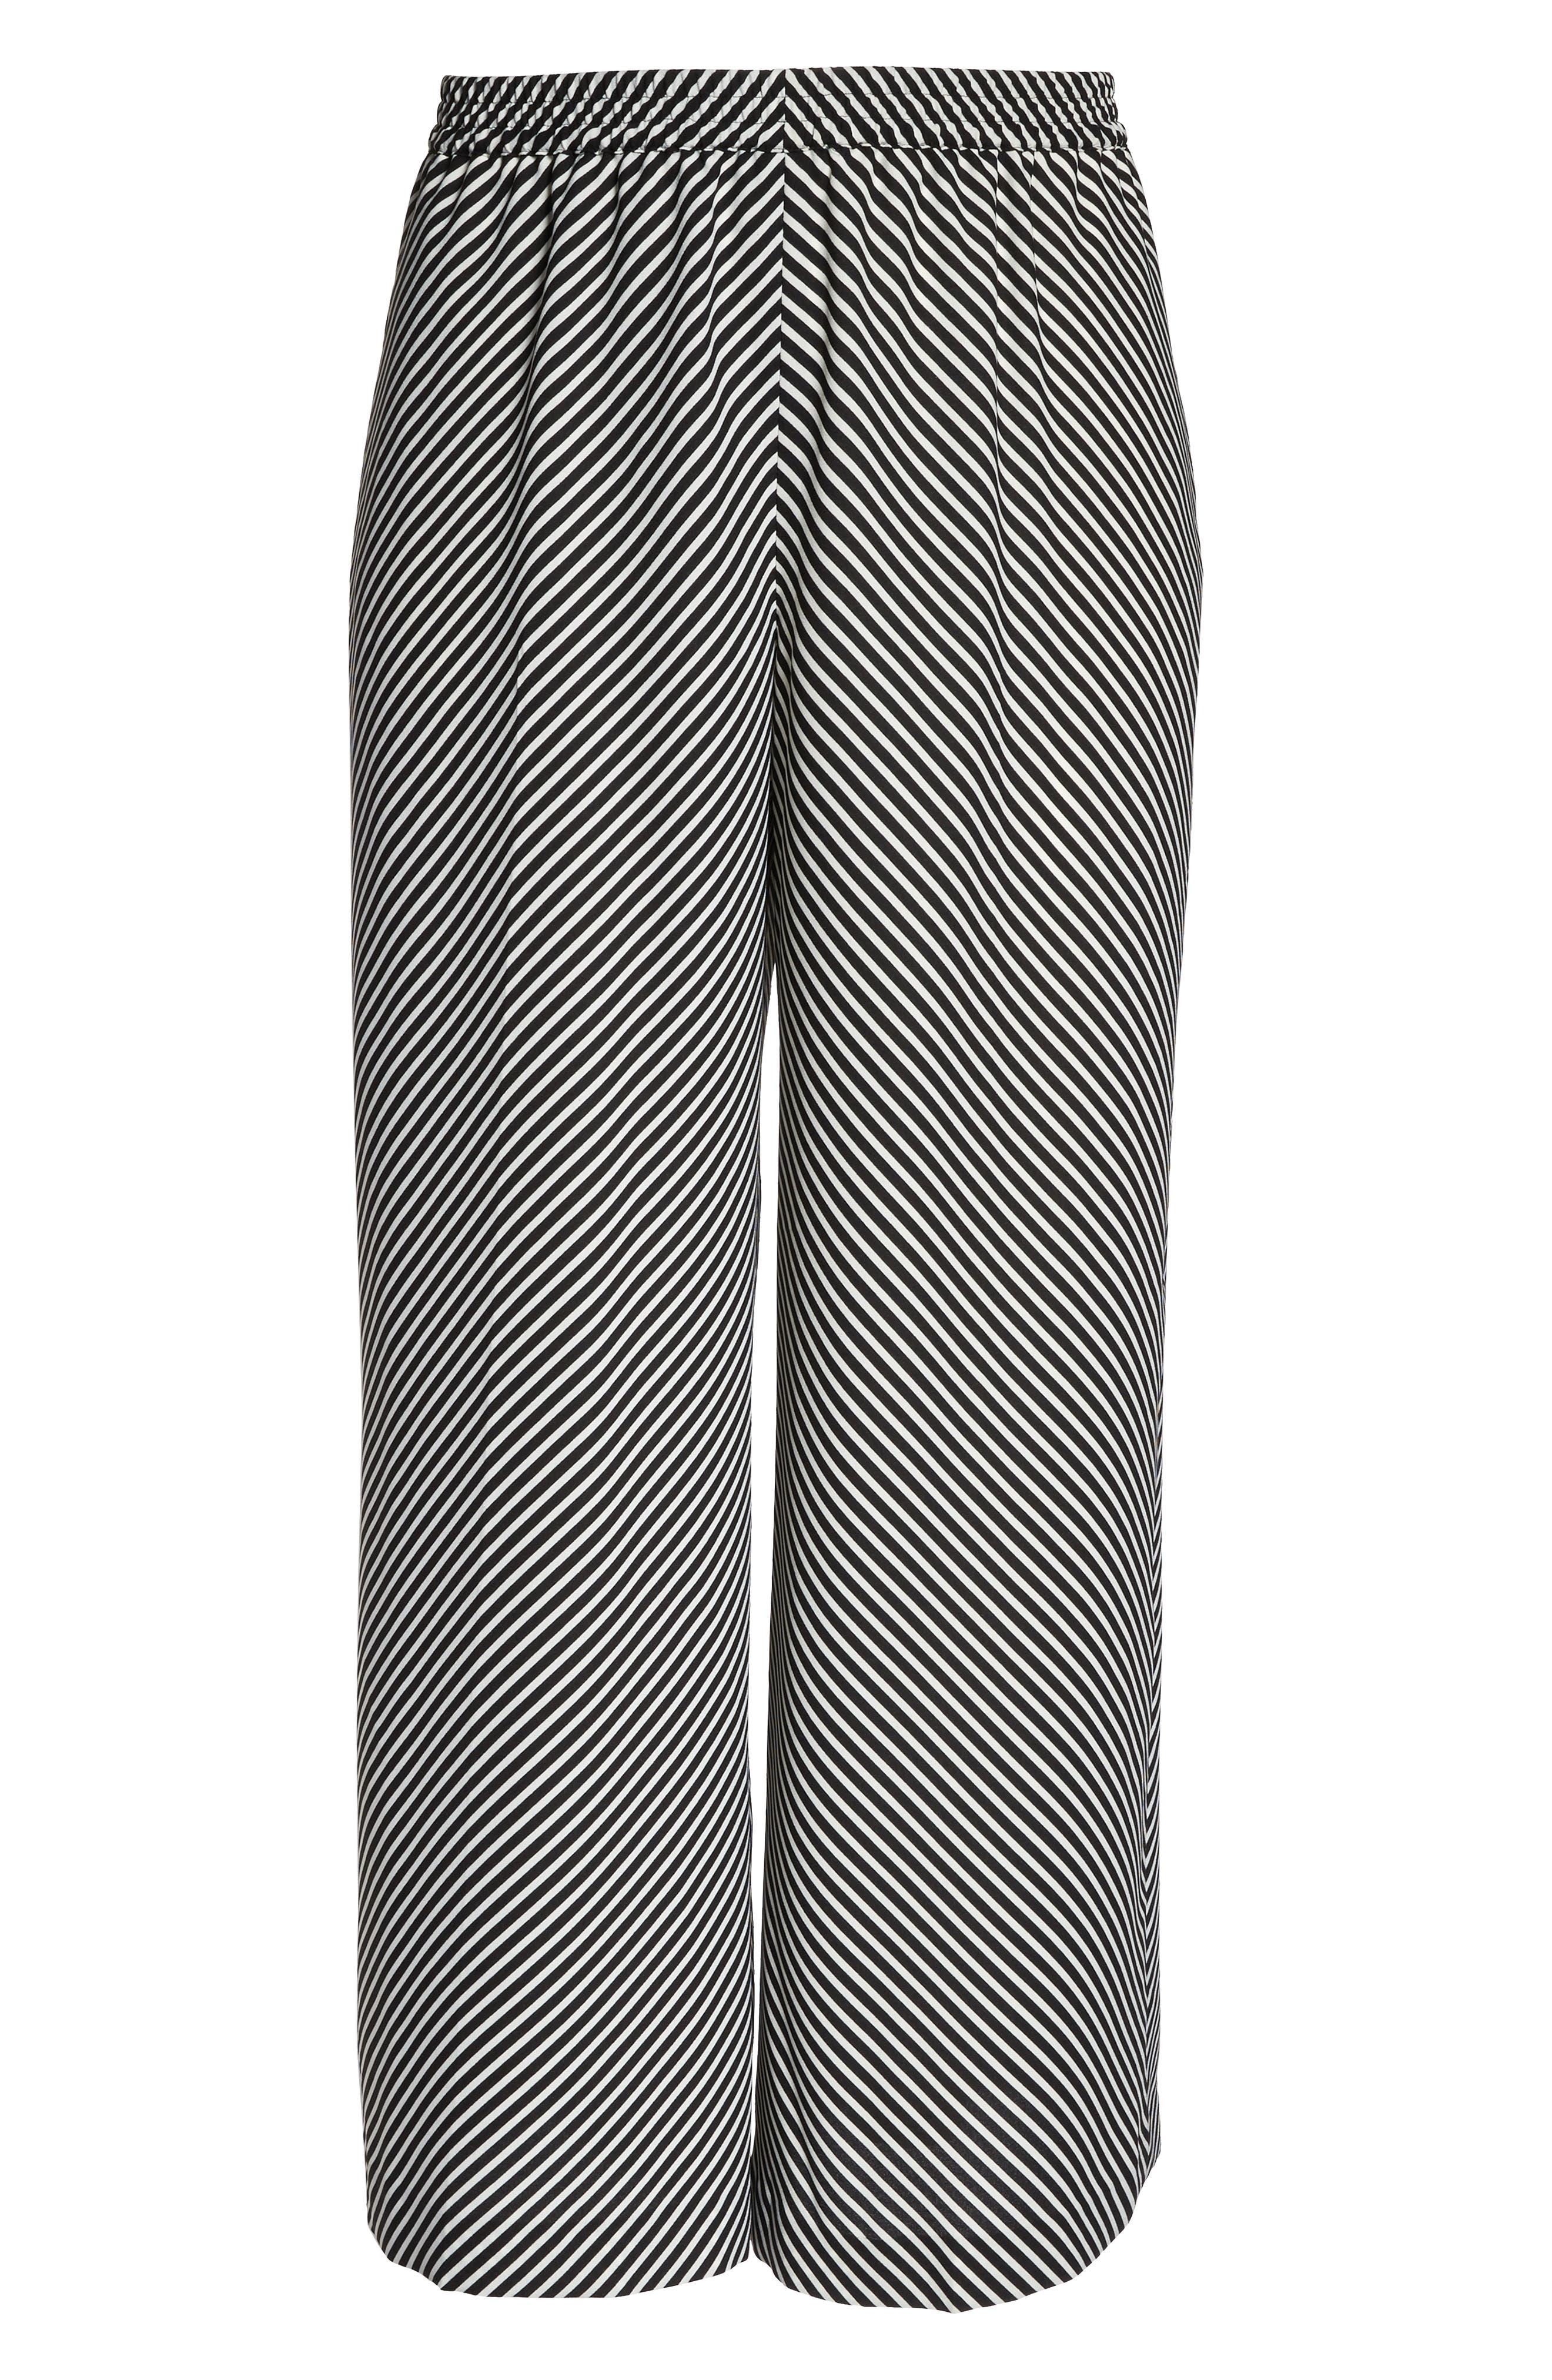 Diagonal Stripe Wide Leg Pants,                             Alternate thumbnail 7, color,                             Rich Black